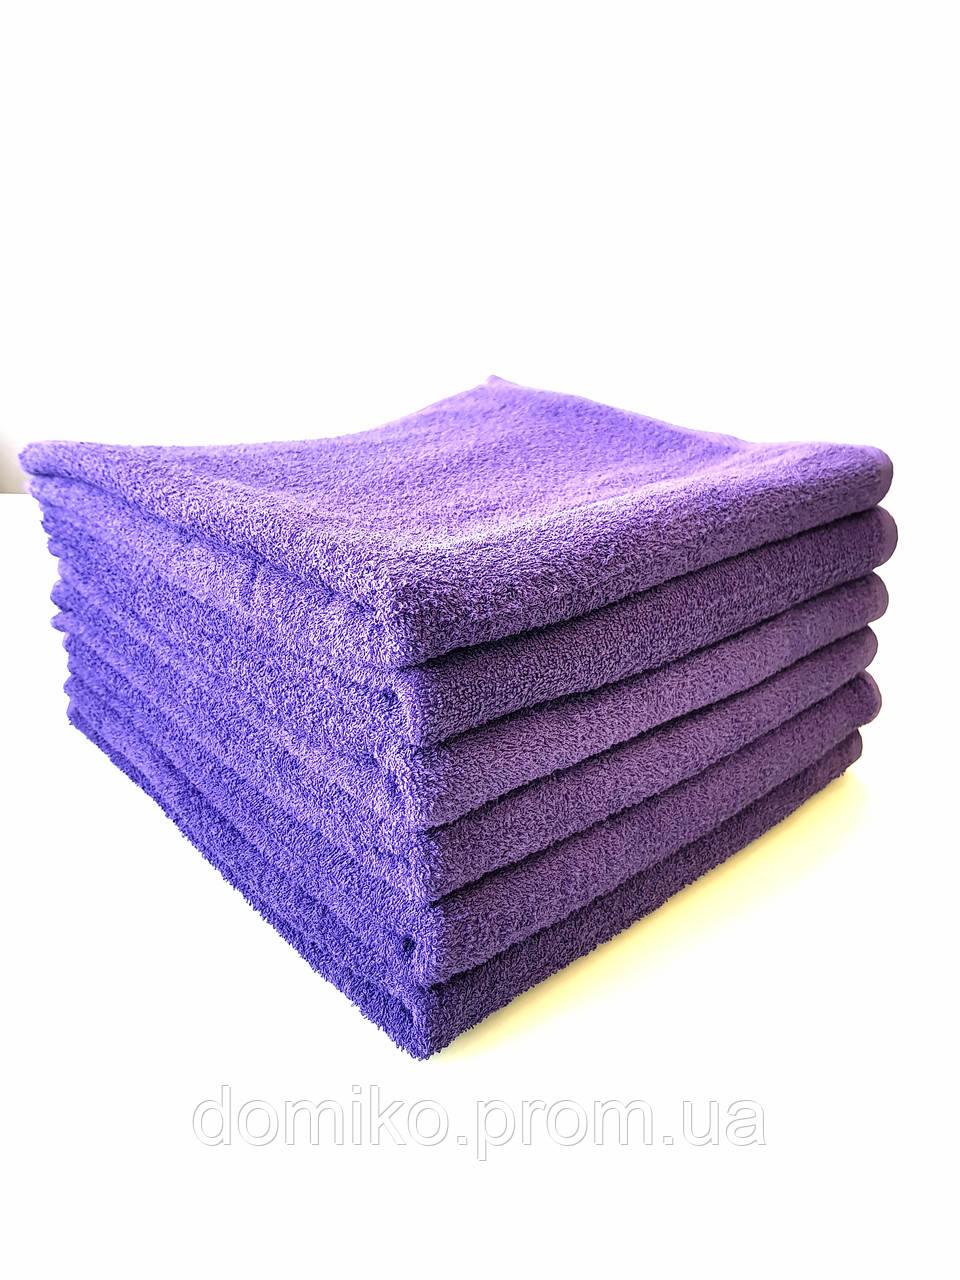 Махровое полотенце банное 70*140 фиолетовое Узбекистан